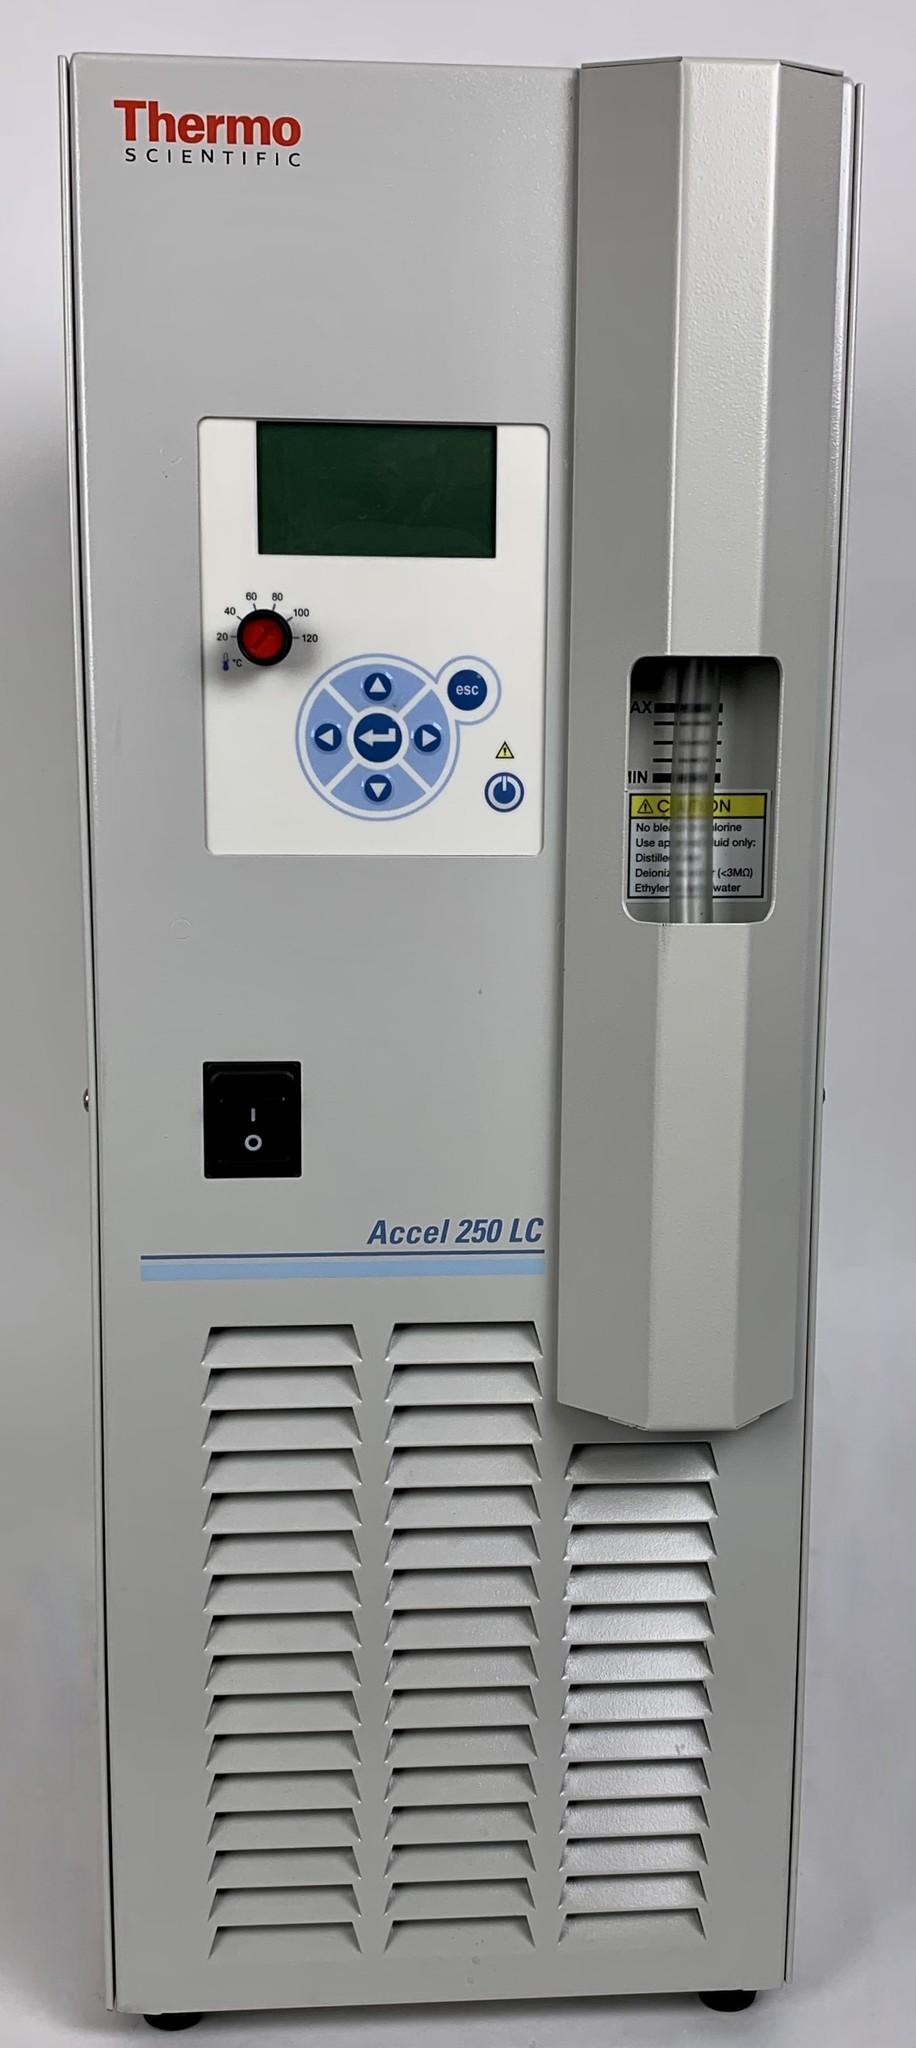 Thermo Scientific Accel 250 U LL 230V/50 Hz Chiller